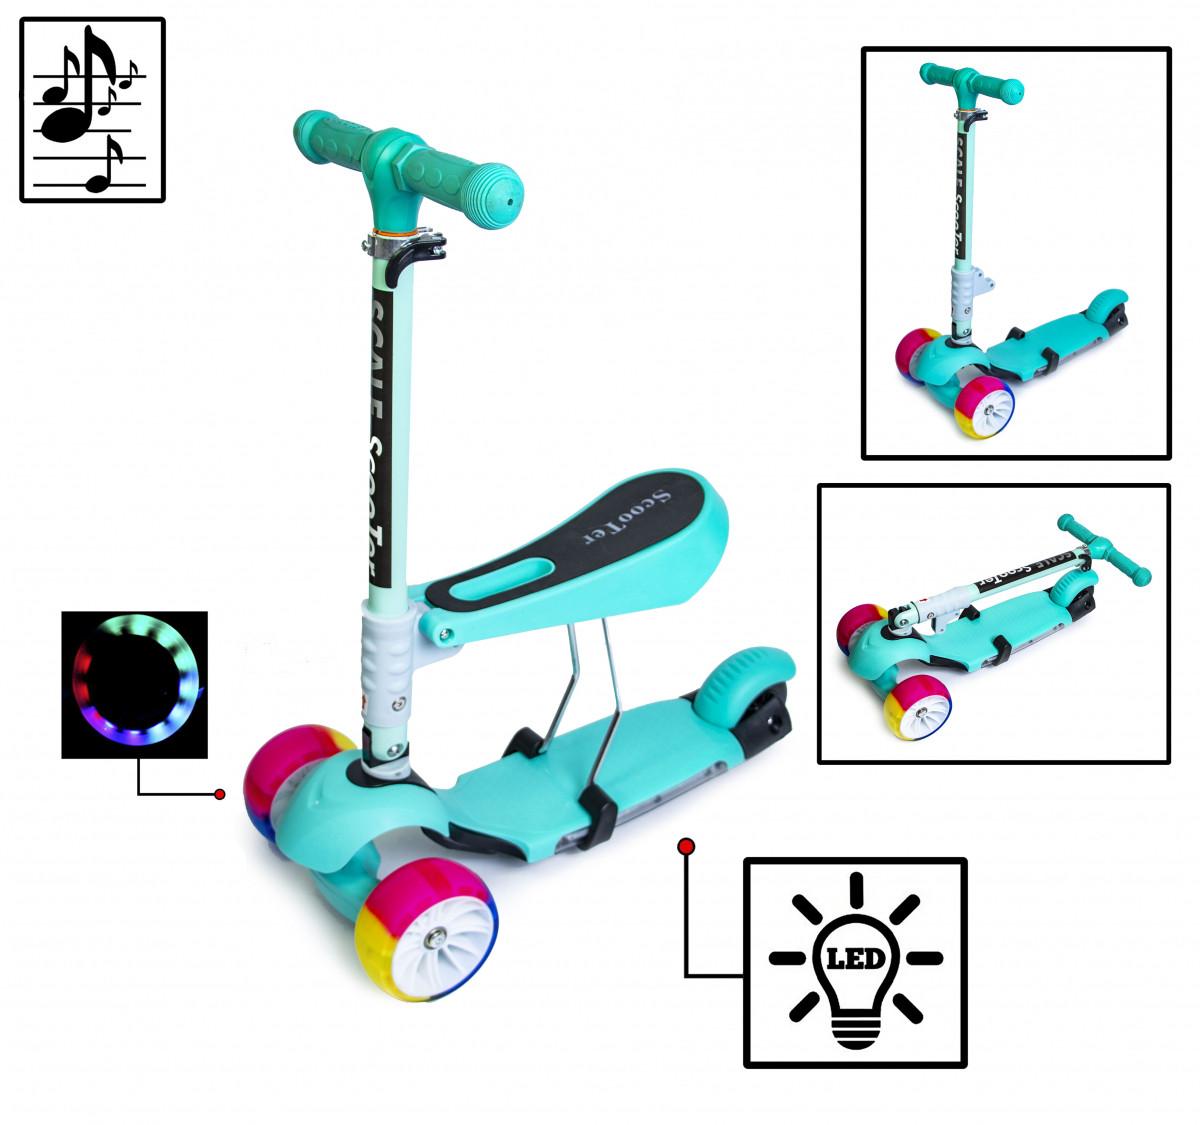 Детский самокат Scooter Smart 3in1 ccо светящимися колесами, музыкой и складной ручкой Тиффани